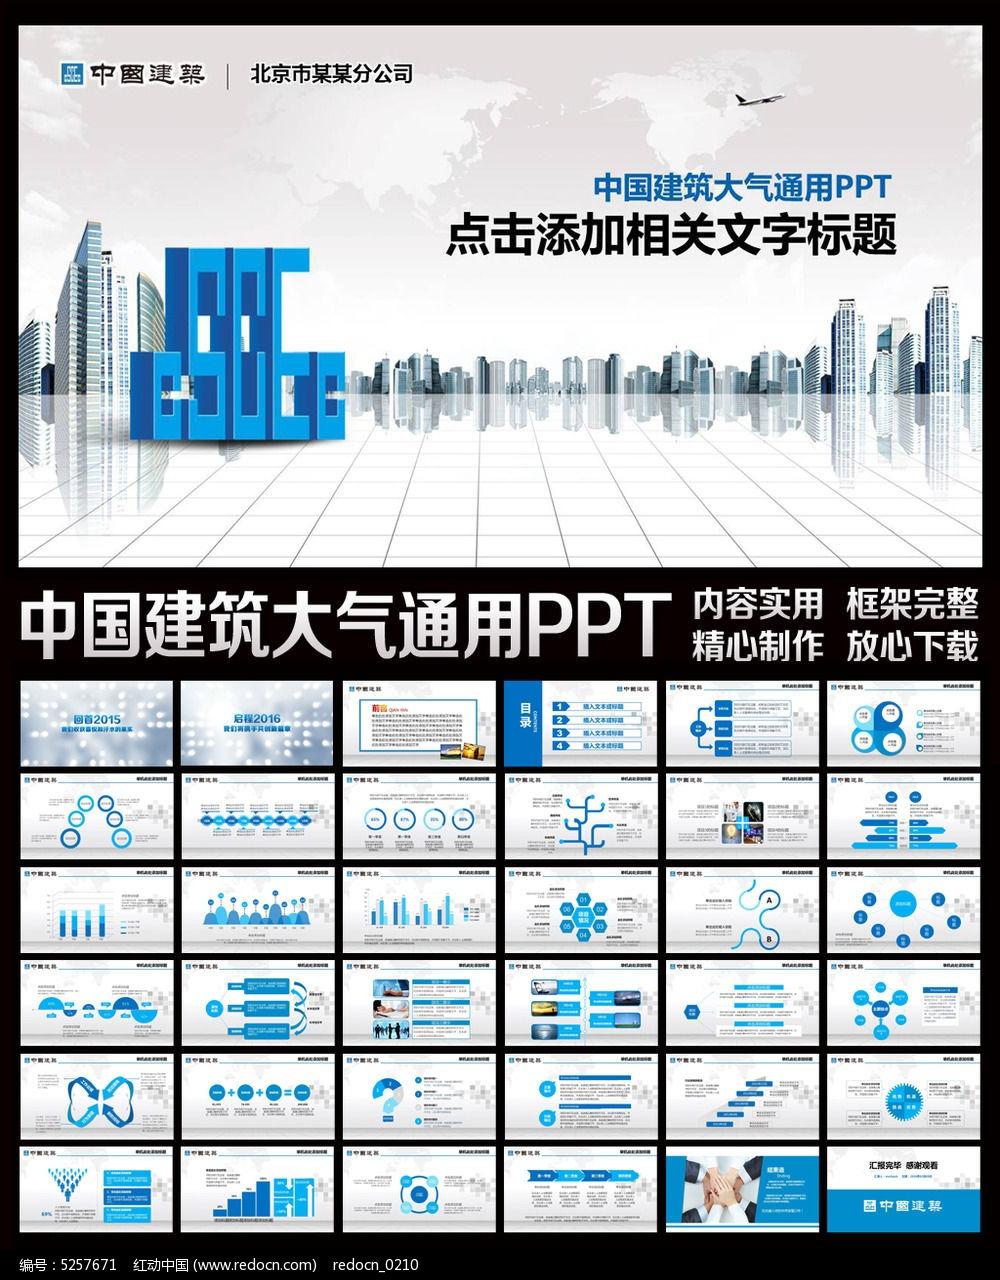 中国建筑中建大气PPT模板pptx素材下载 编号5257671 红动网